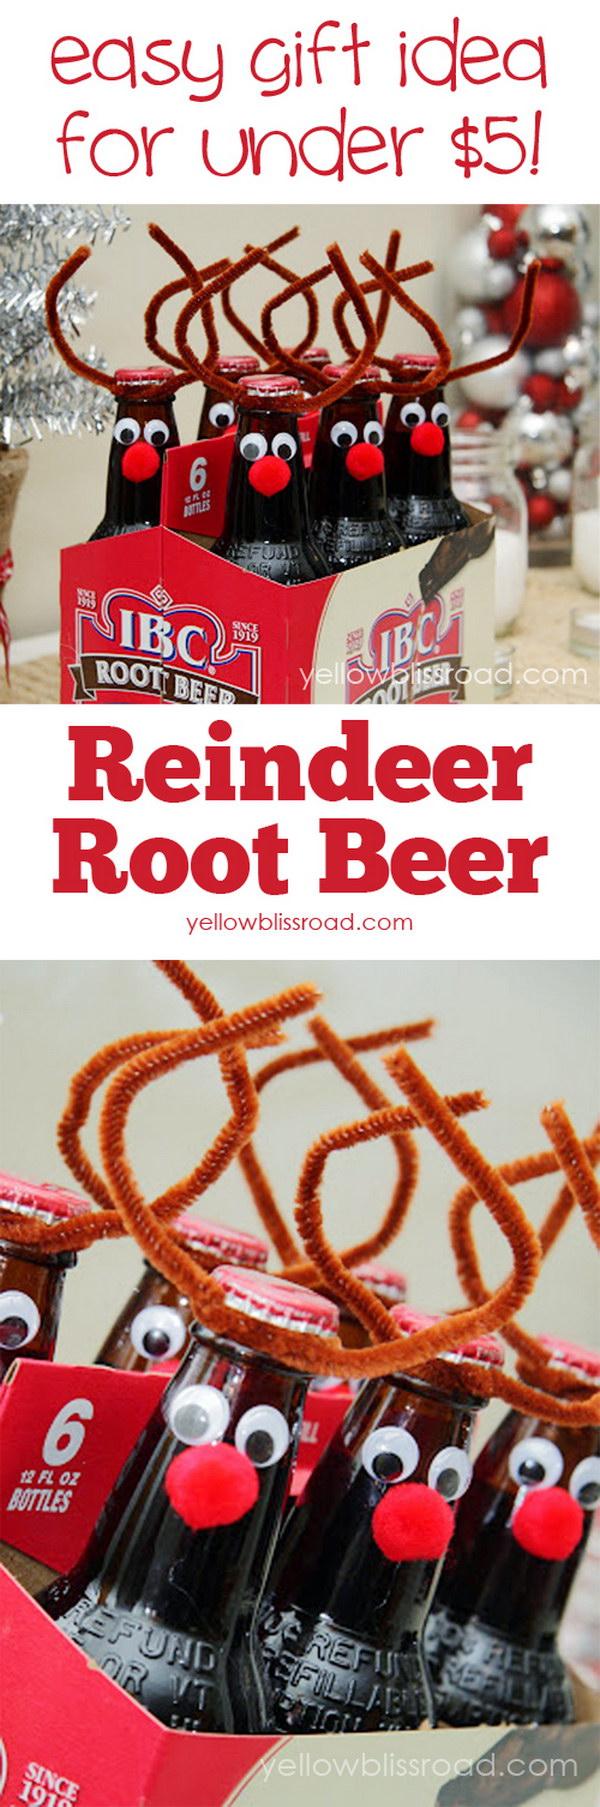 Root Beer Reindeer Handmade Christmas Gift.